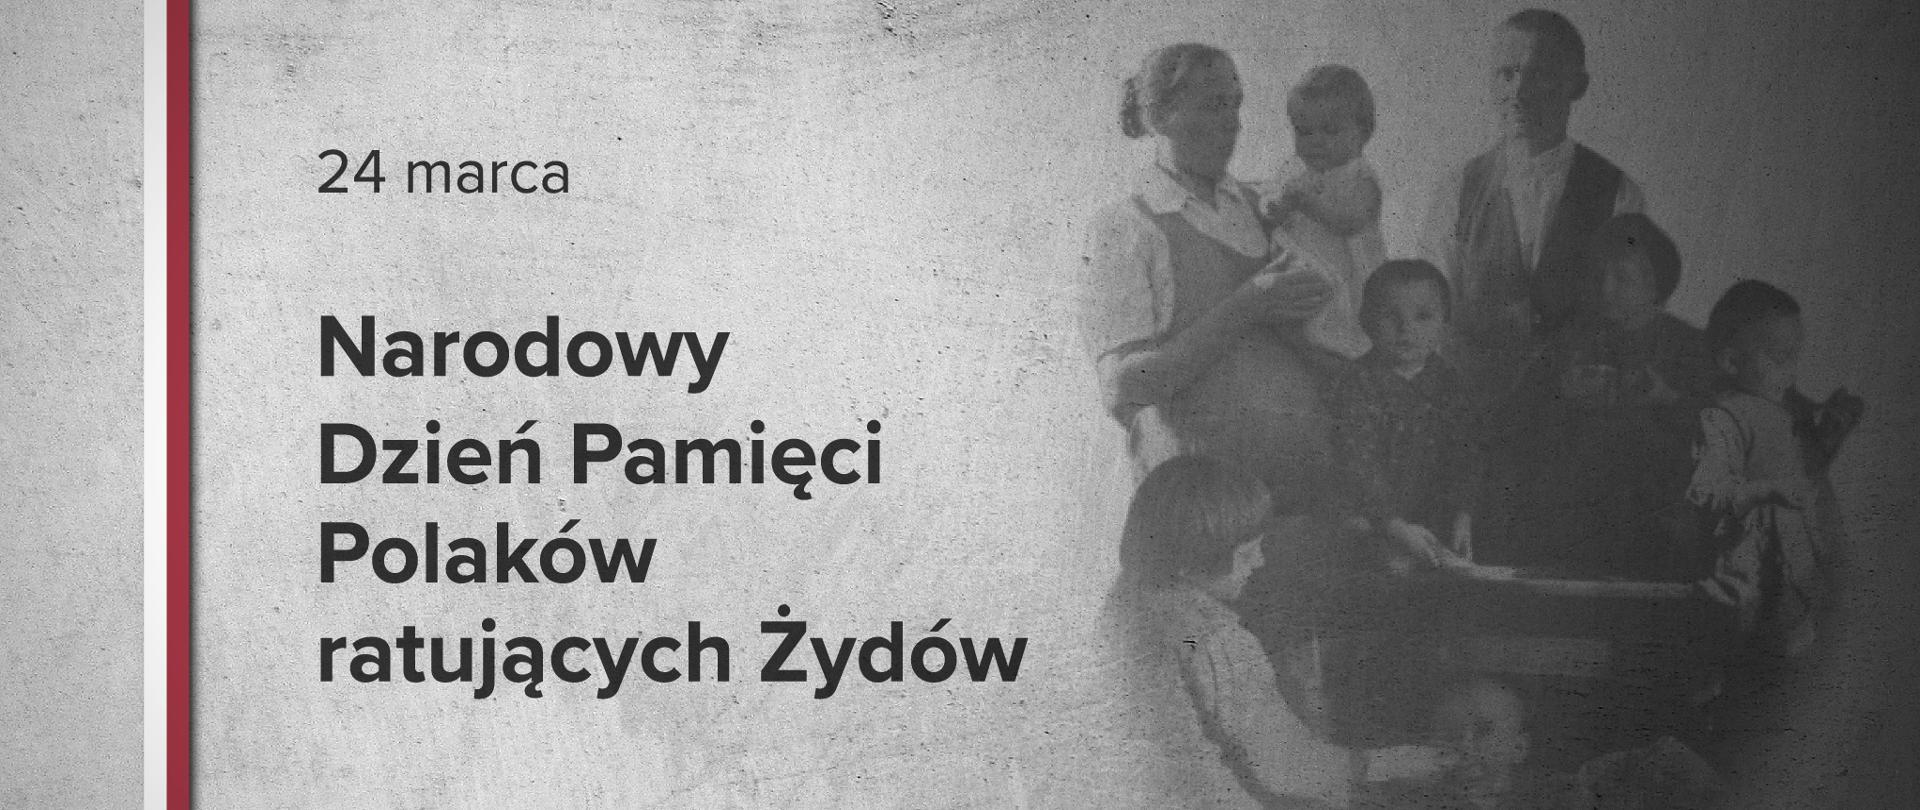 Narodowy Dzień Pamięci Polaków ratujących Żydów – materiały edukacyjne IPN  - Ministerstwo Edukacji i Nauki - Portal Gov.pl